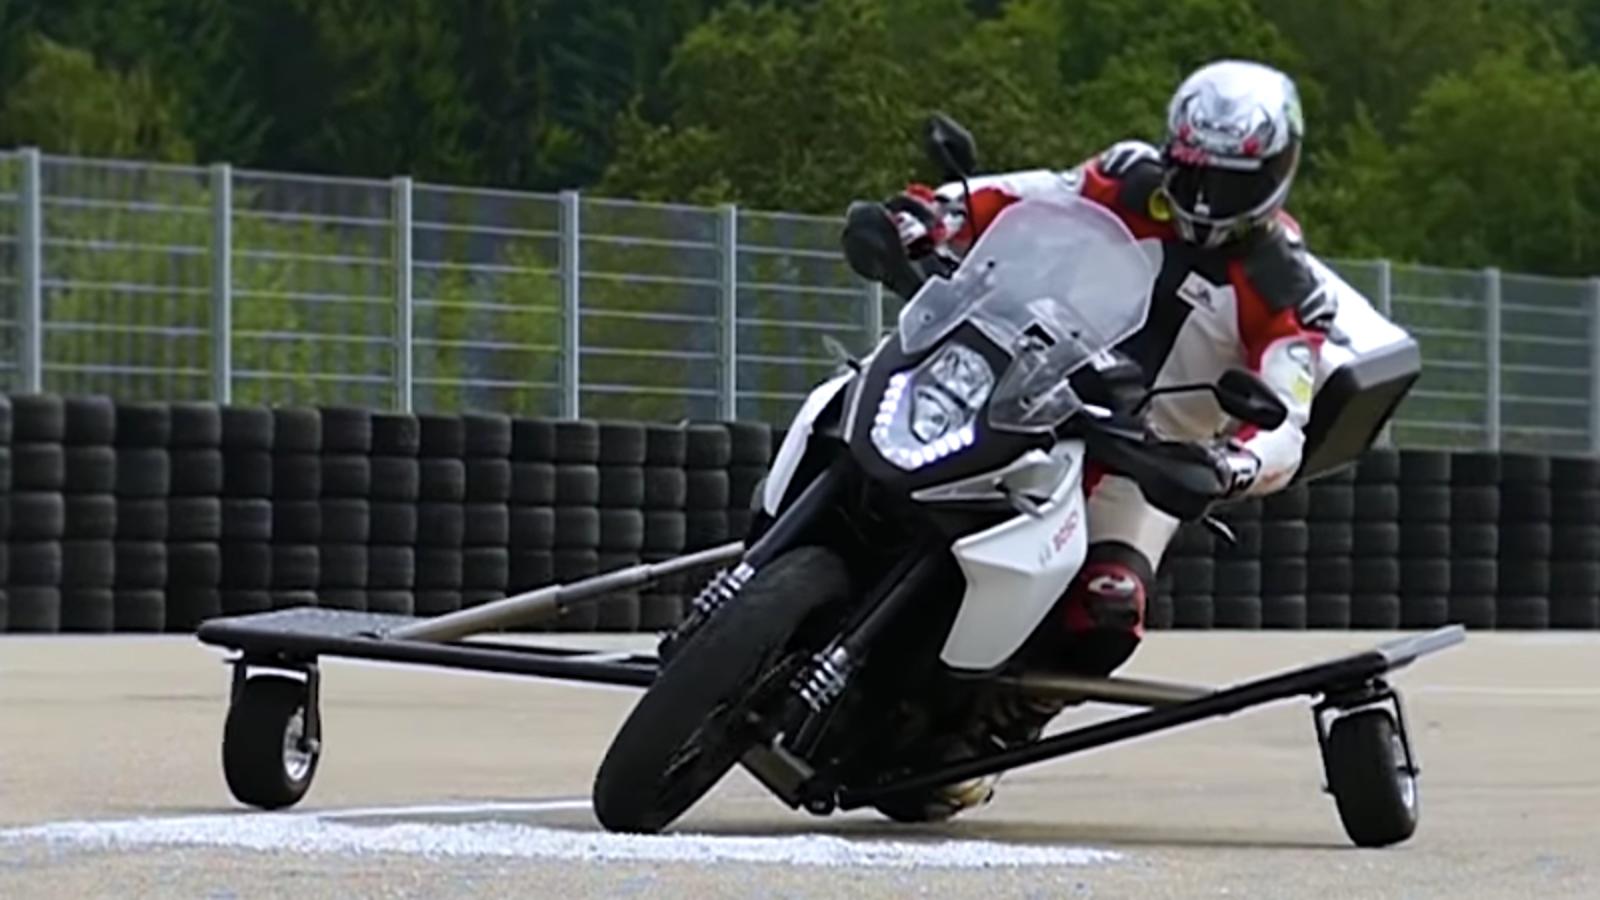 Bosch prueba propulsores espaciales para hacer las motos más seguras y precisas